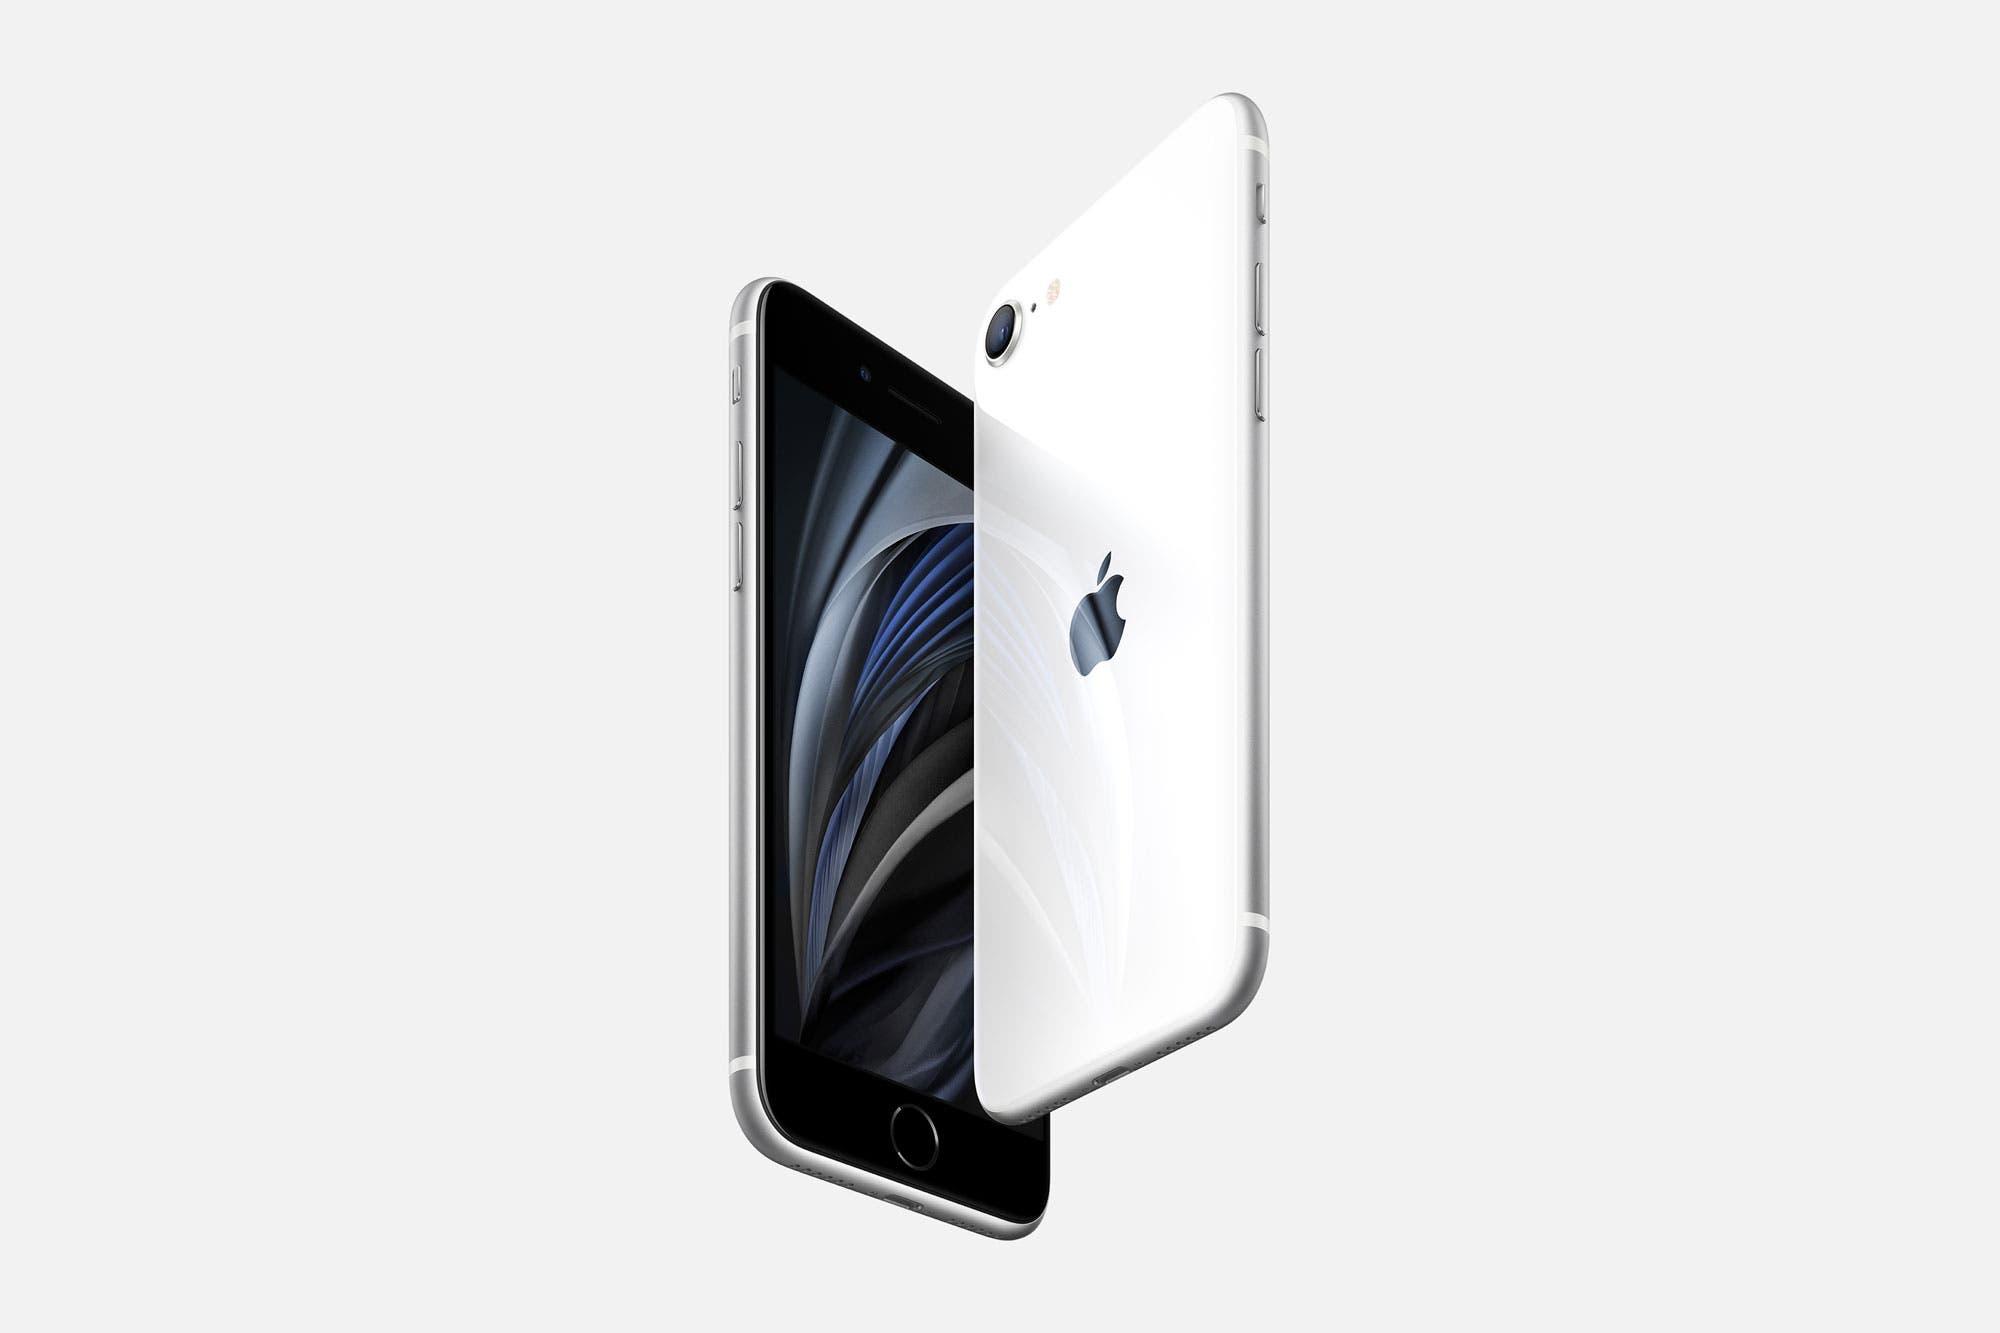 iPhone SE: cómo se compara el nuevo celular de Apple con el iPhone XR y el iPhone 8